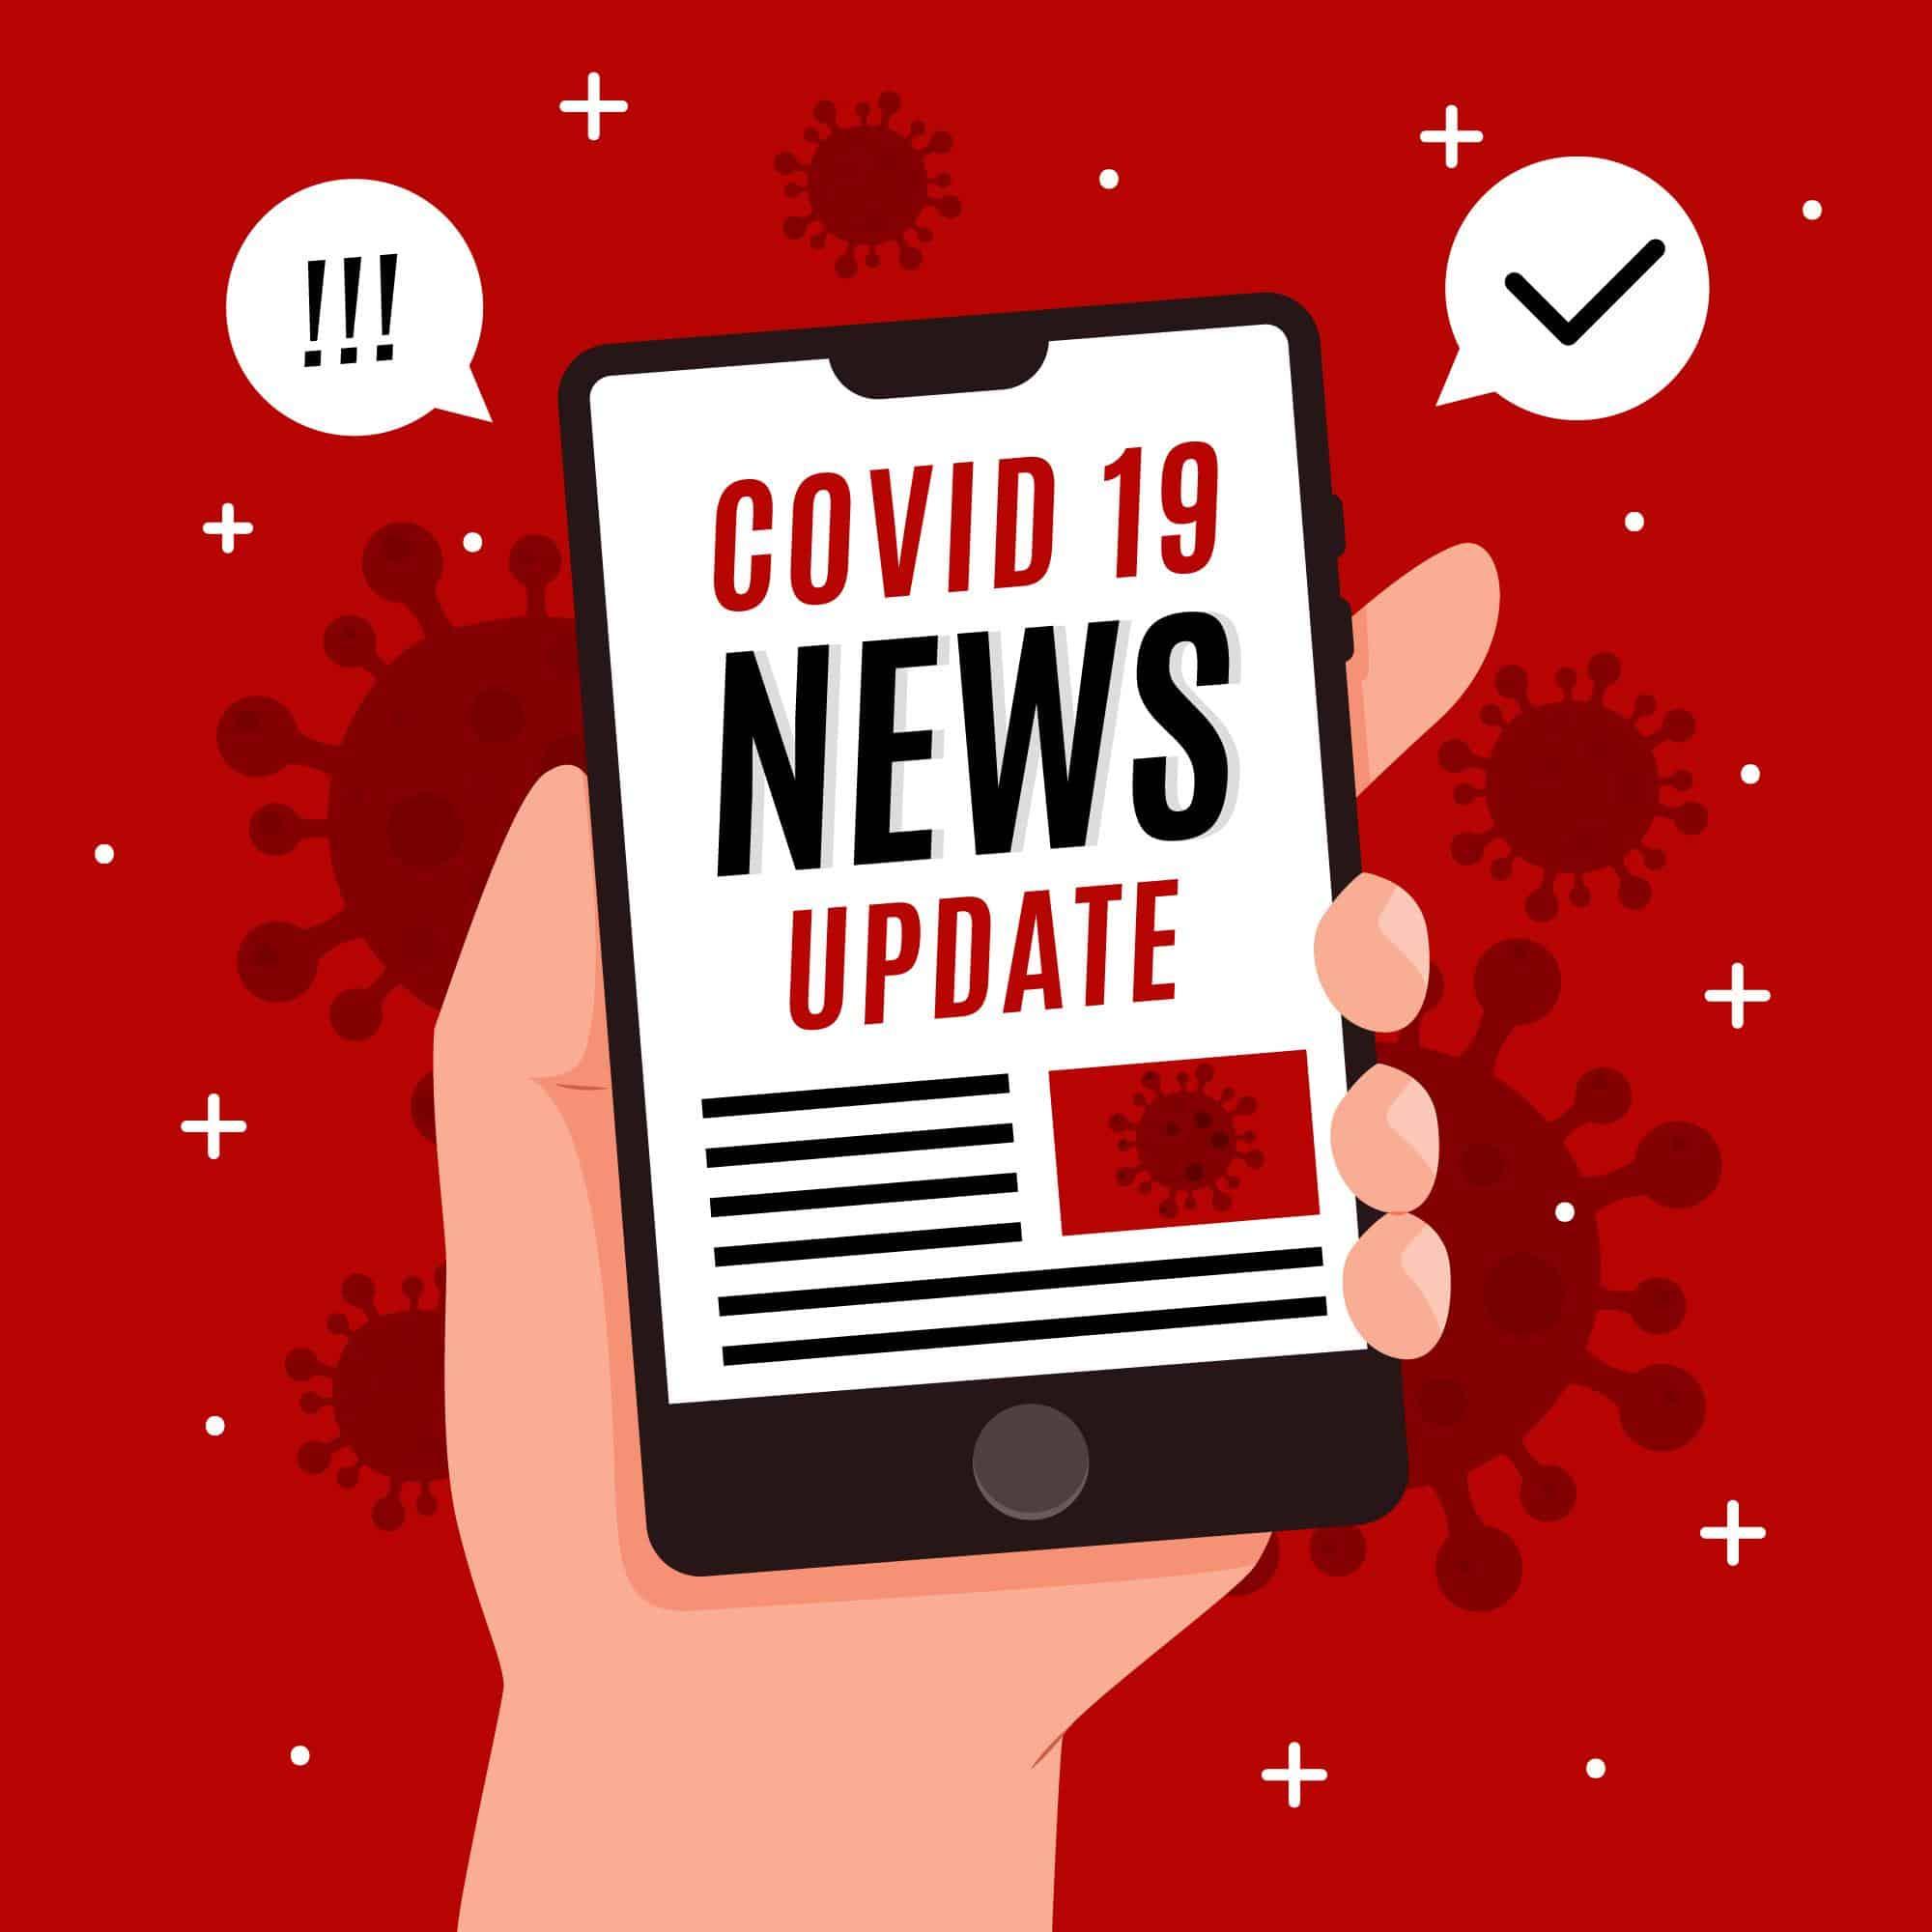 Werderseelauf am 28. März 2021 wegen Corona-Pandemie abgesagt!